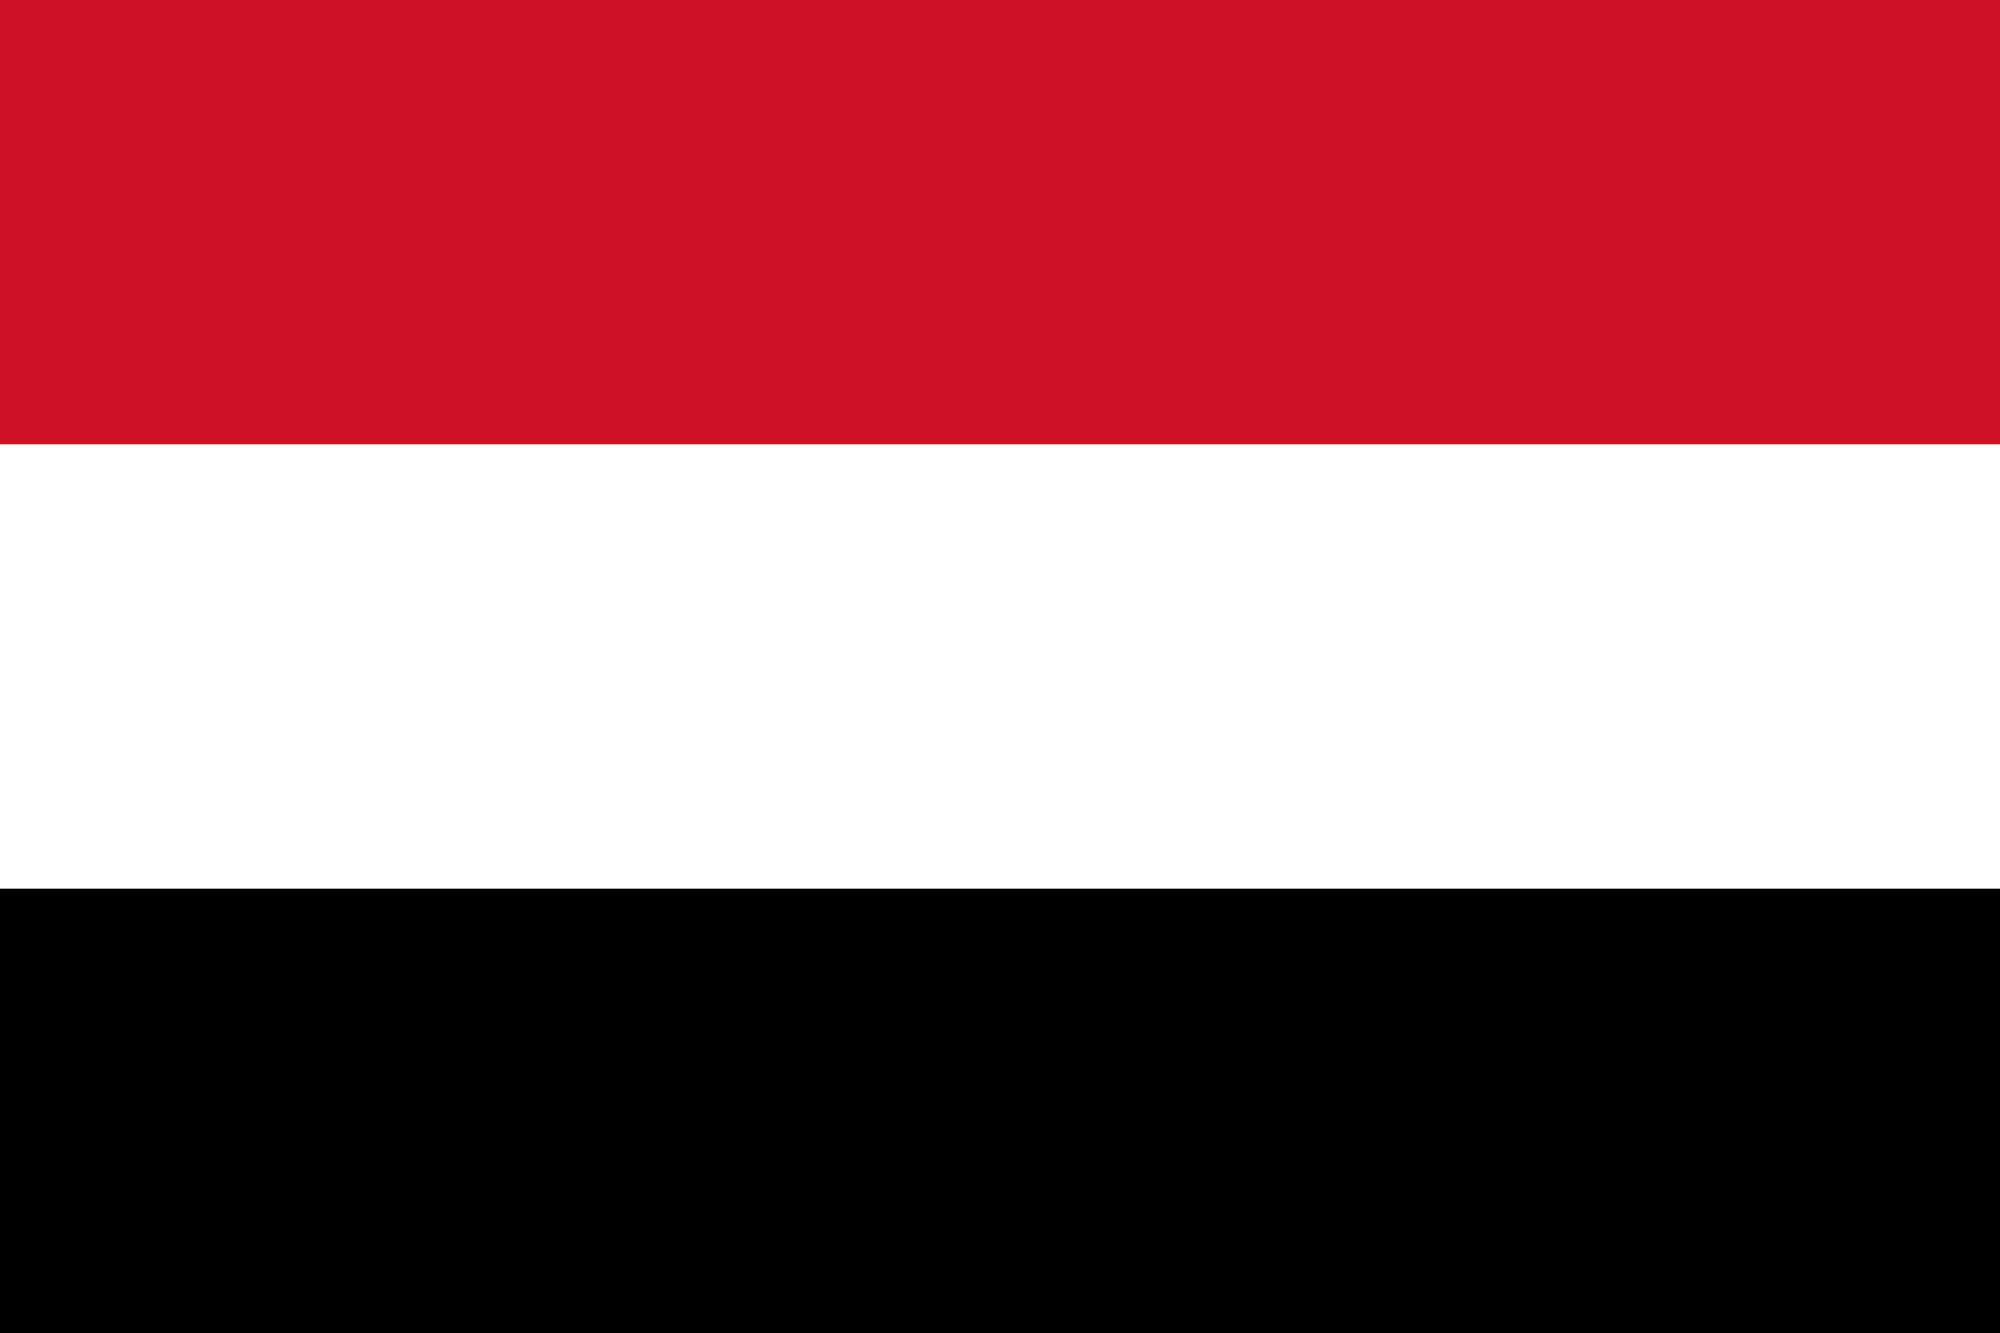 Drapeau Yémen - Le drapeau yéménite